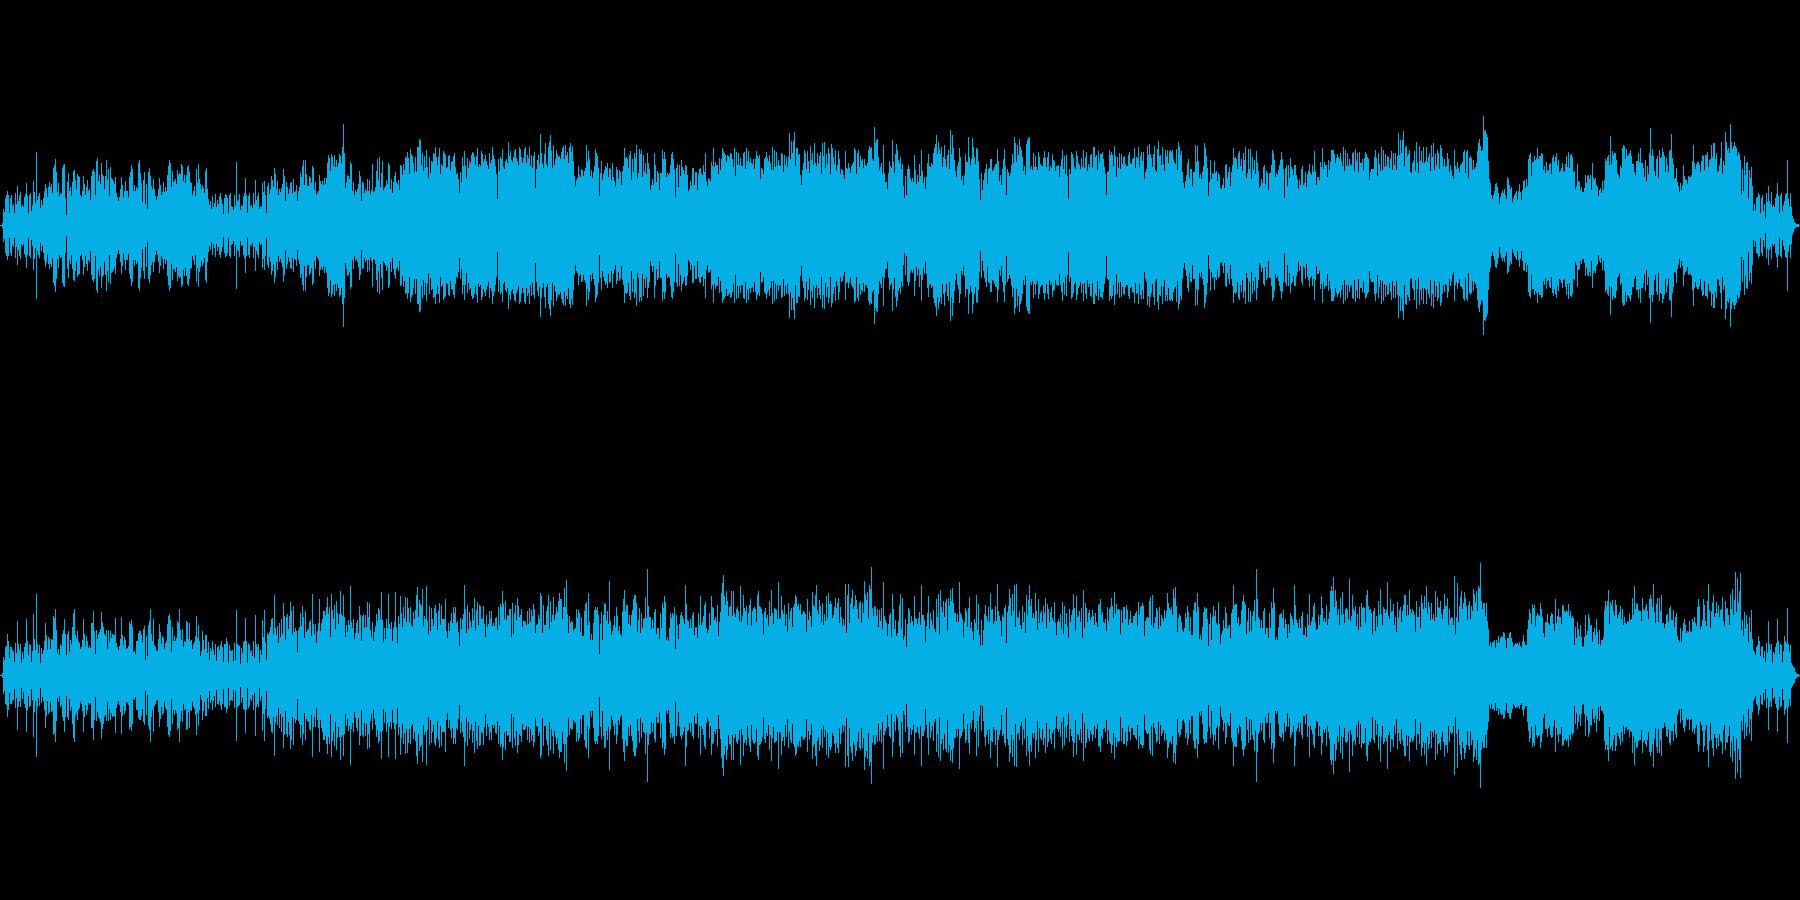 ほのぼのとした平和な島【ループ可】の再生済みの波形